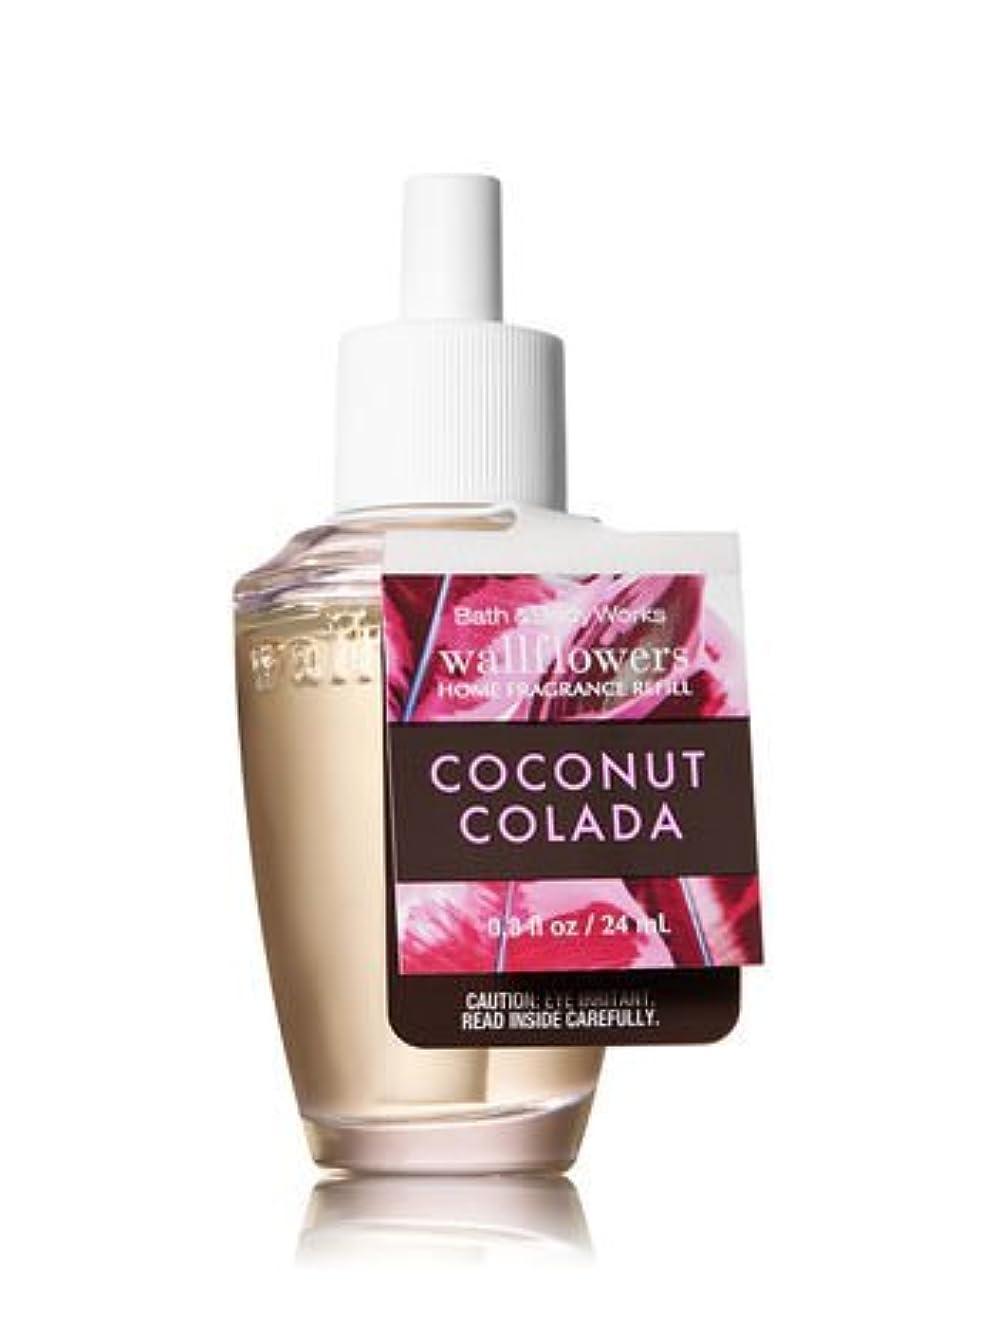 ご飯グレートオーク暴露【Bath&Body Works/バス&ボディワークス】 ルームフレグランス 詰替えリフィル ココナッツコラーダ Wallflowers Home Fragrance Refill Coconut Colada [並行輸入品]